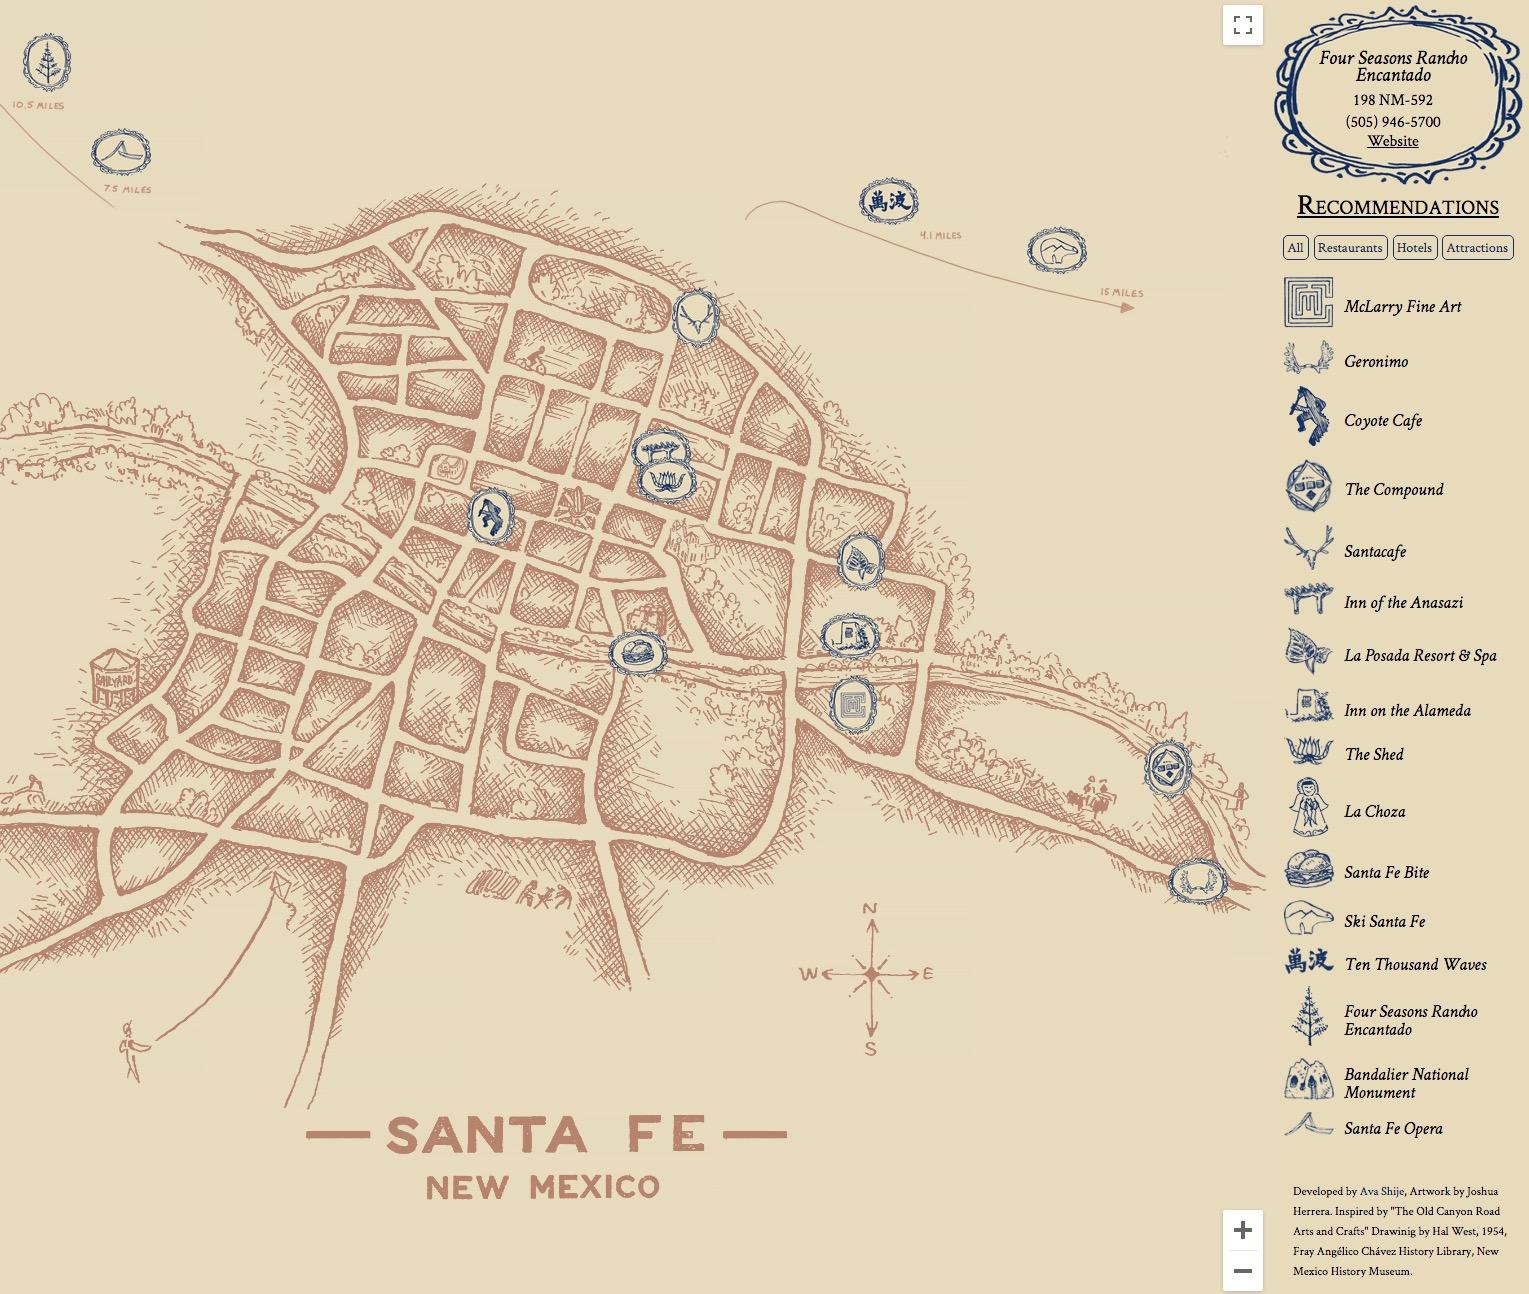 Zenbox Marketing Interactive Map Development